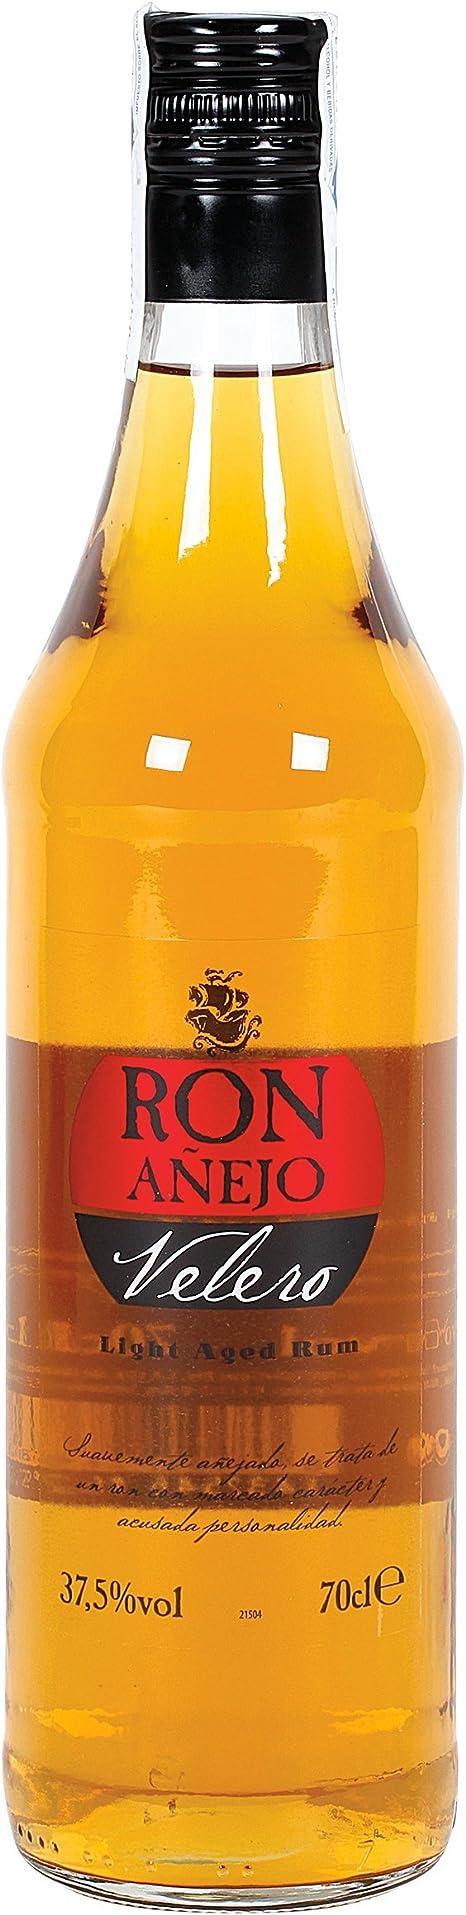 VELERO ron añejo botella 70 cl: Amazon.es: Alimentación y bebidas